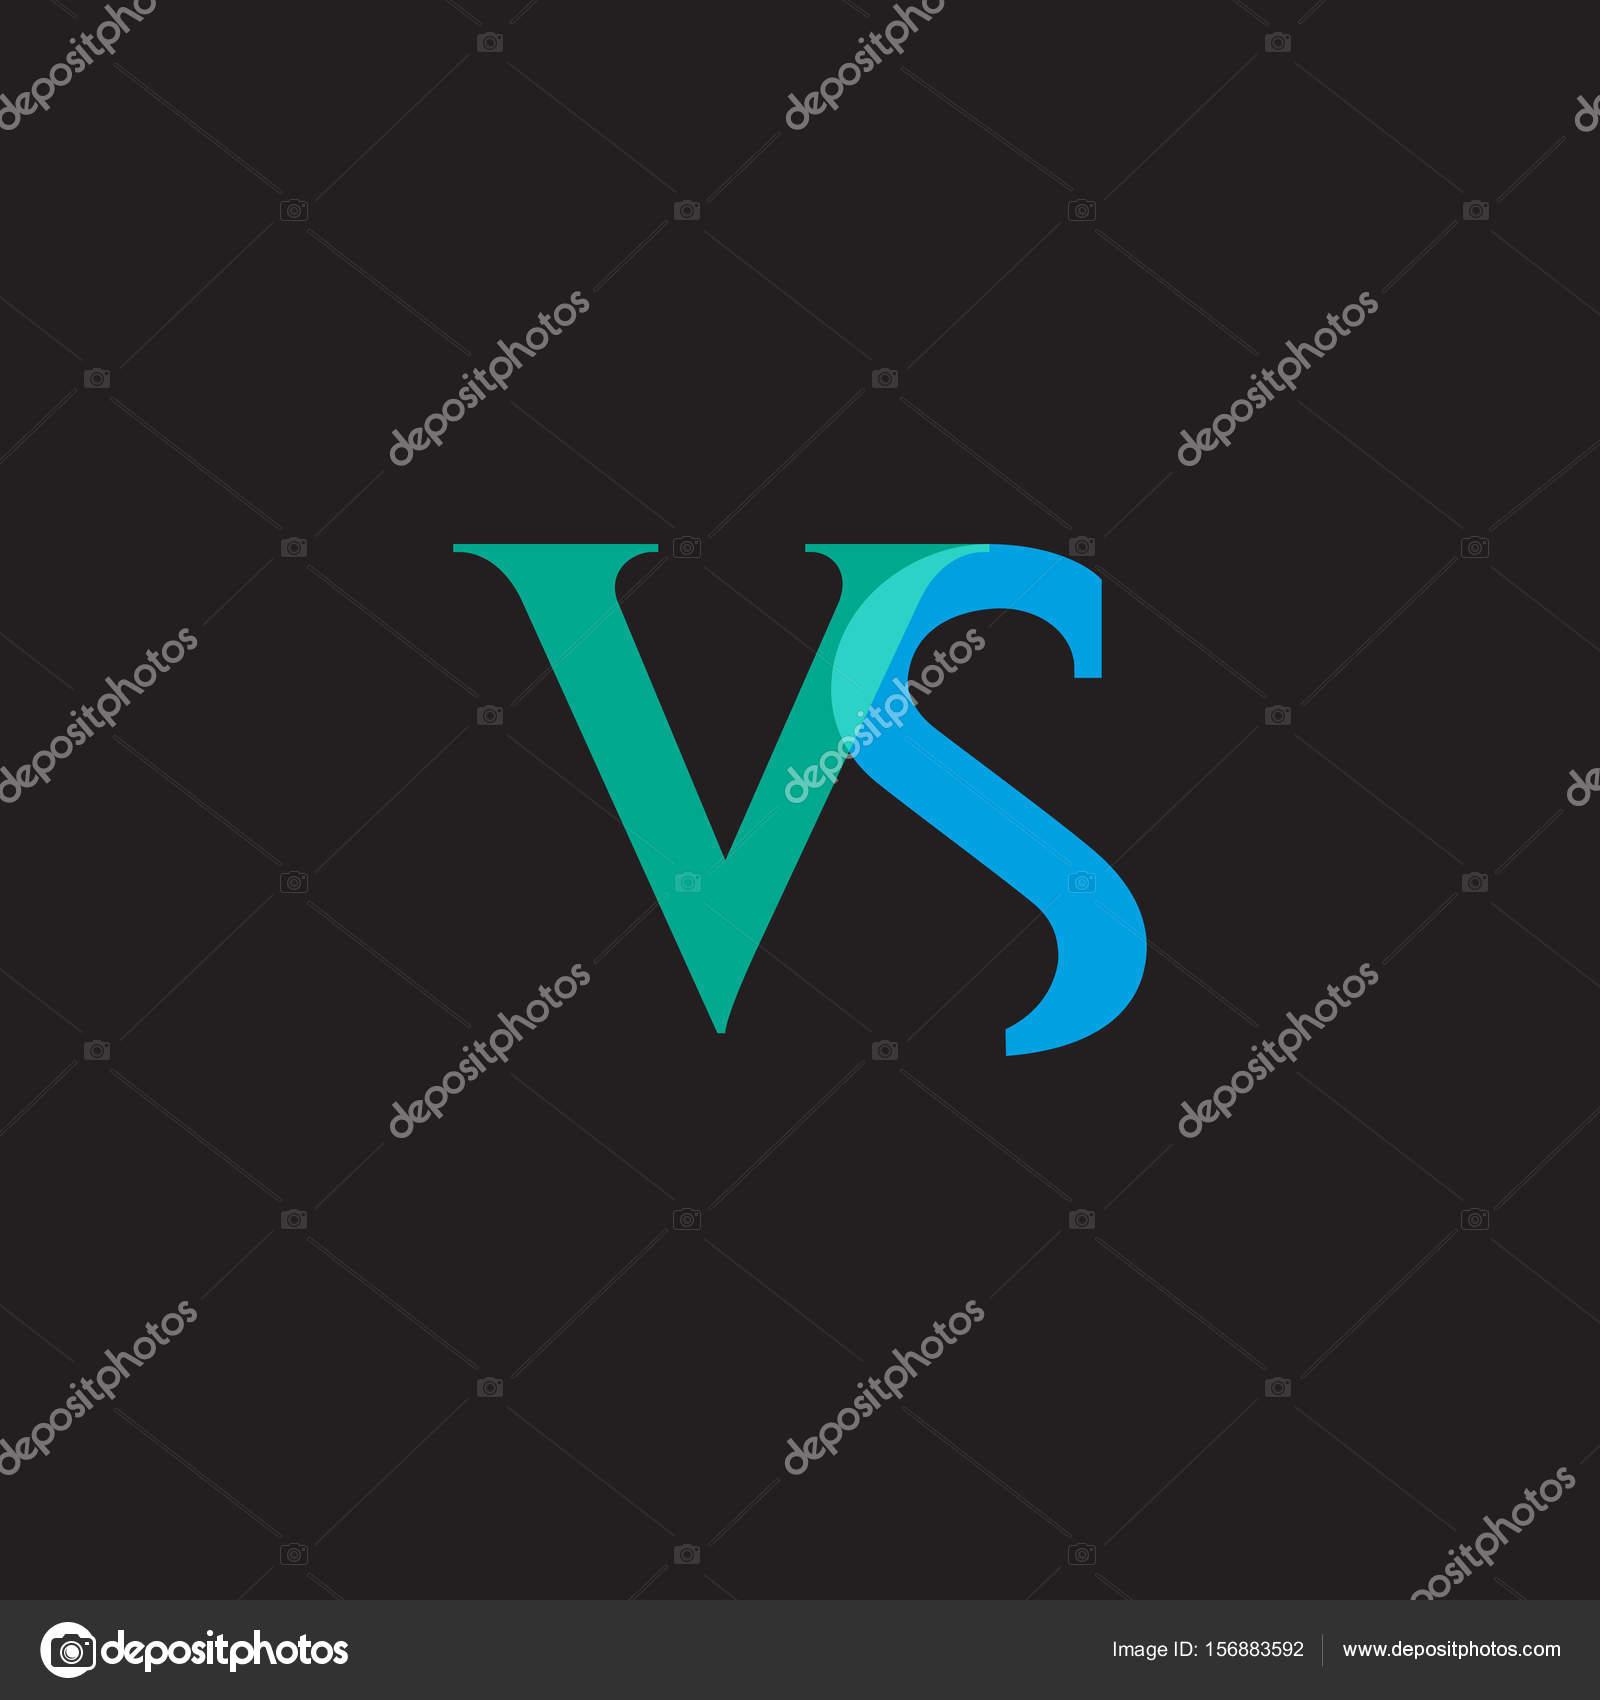 Gestaltung von Joint Buchstaben Vs — Stockvektor © deepzdzyn #156883592